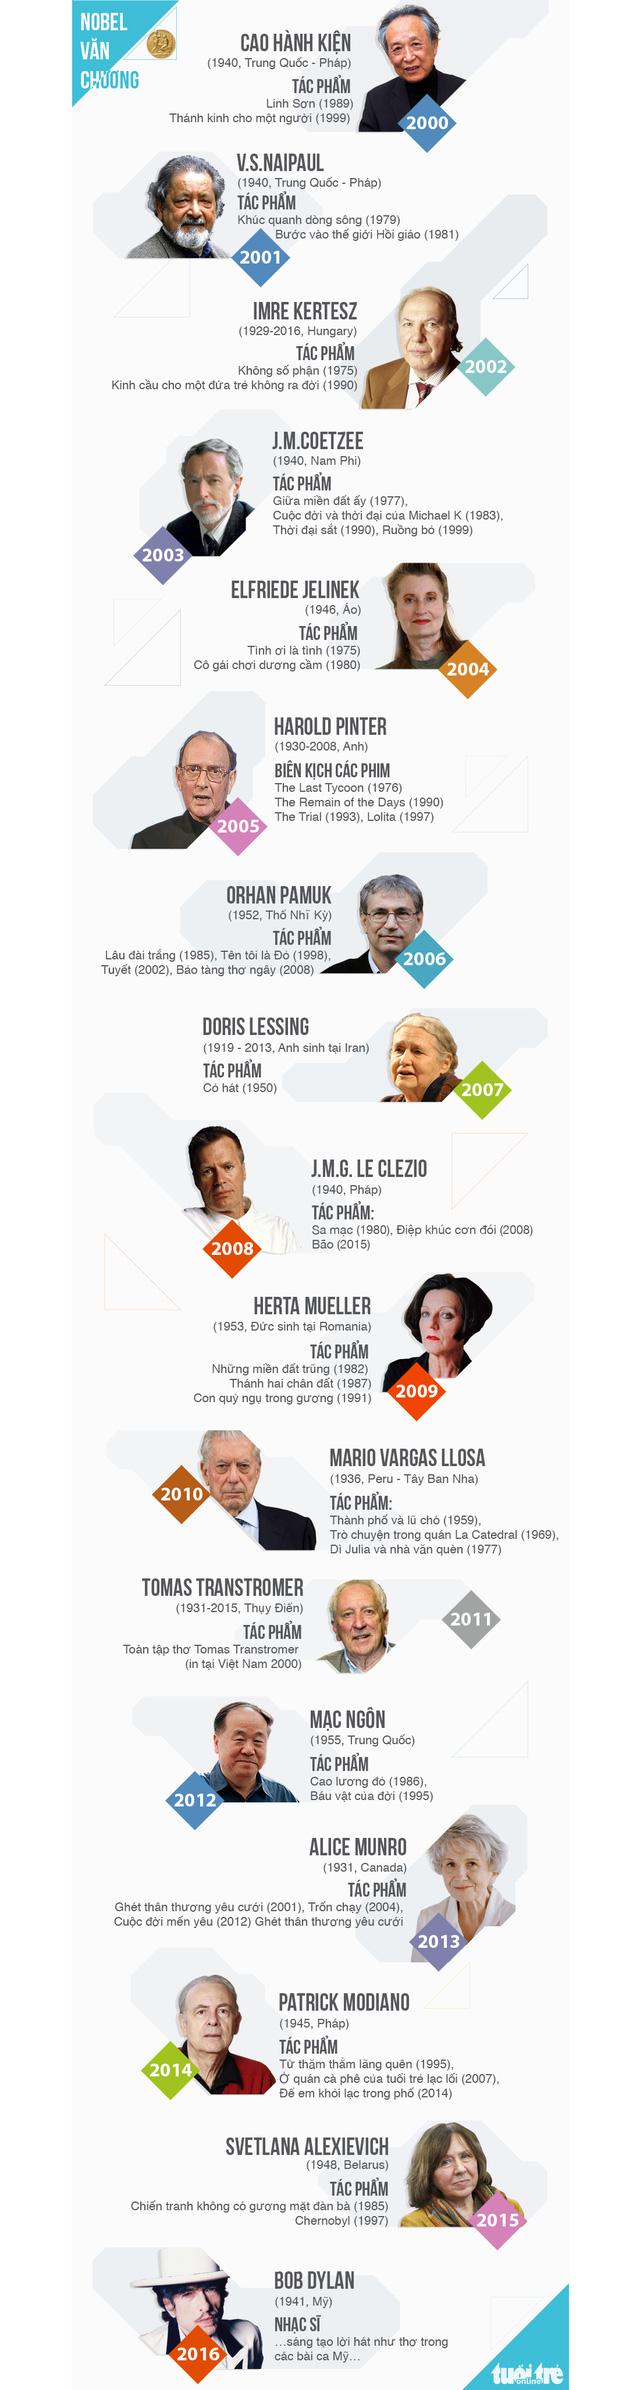 Trước giờ G: nhìn lại 17 gương mặt đoạt Nobel Văn chương thế kỷ 21 - Ảnh 1.